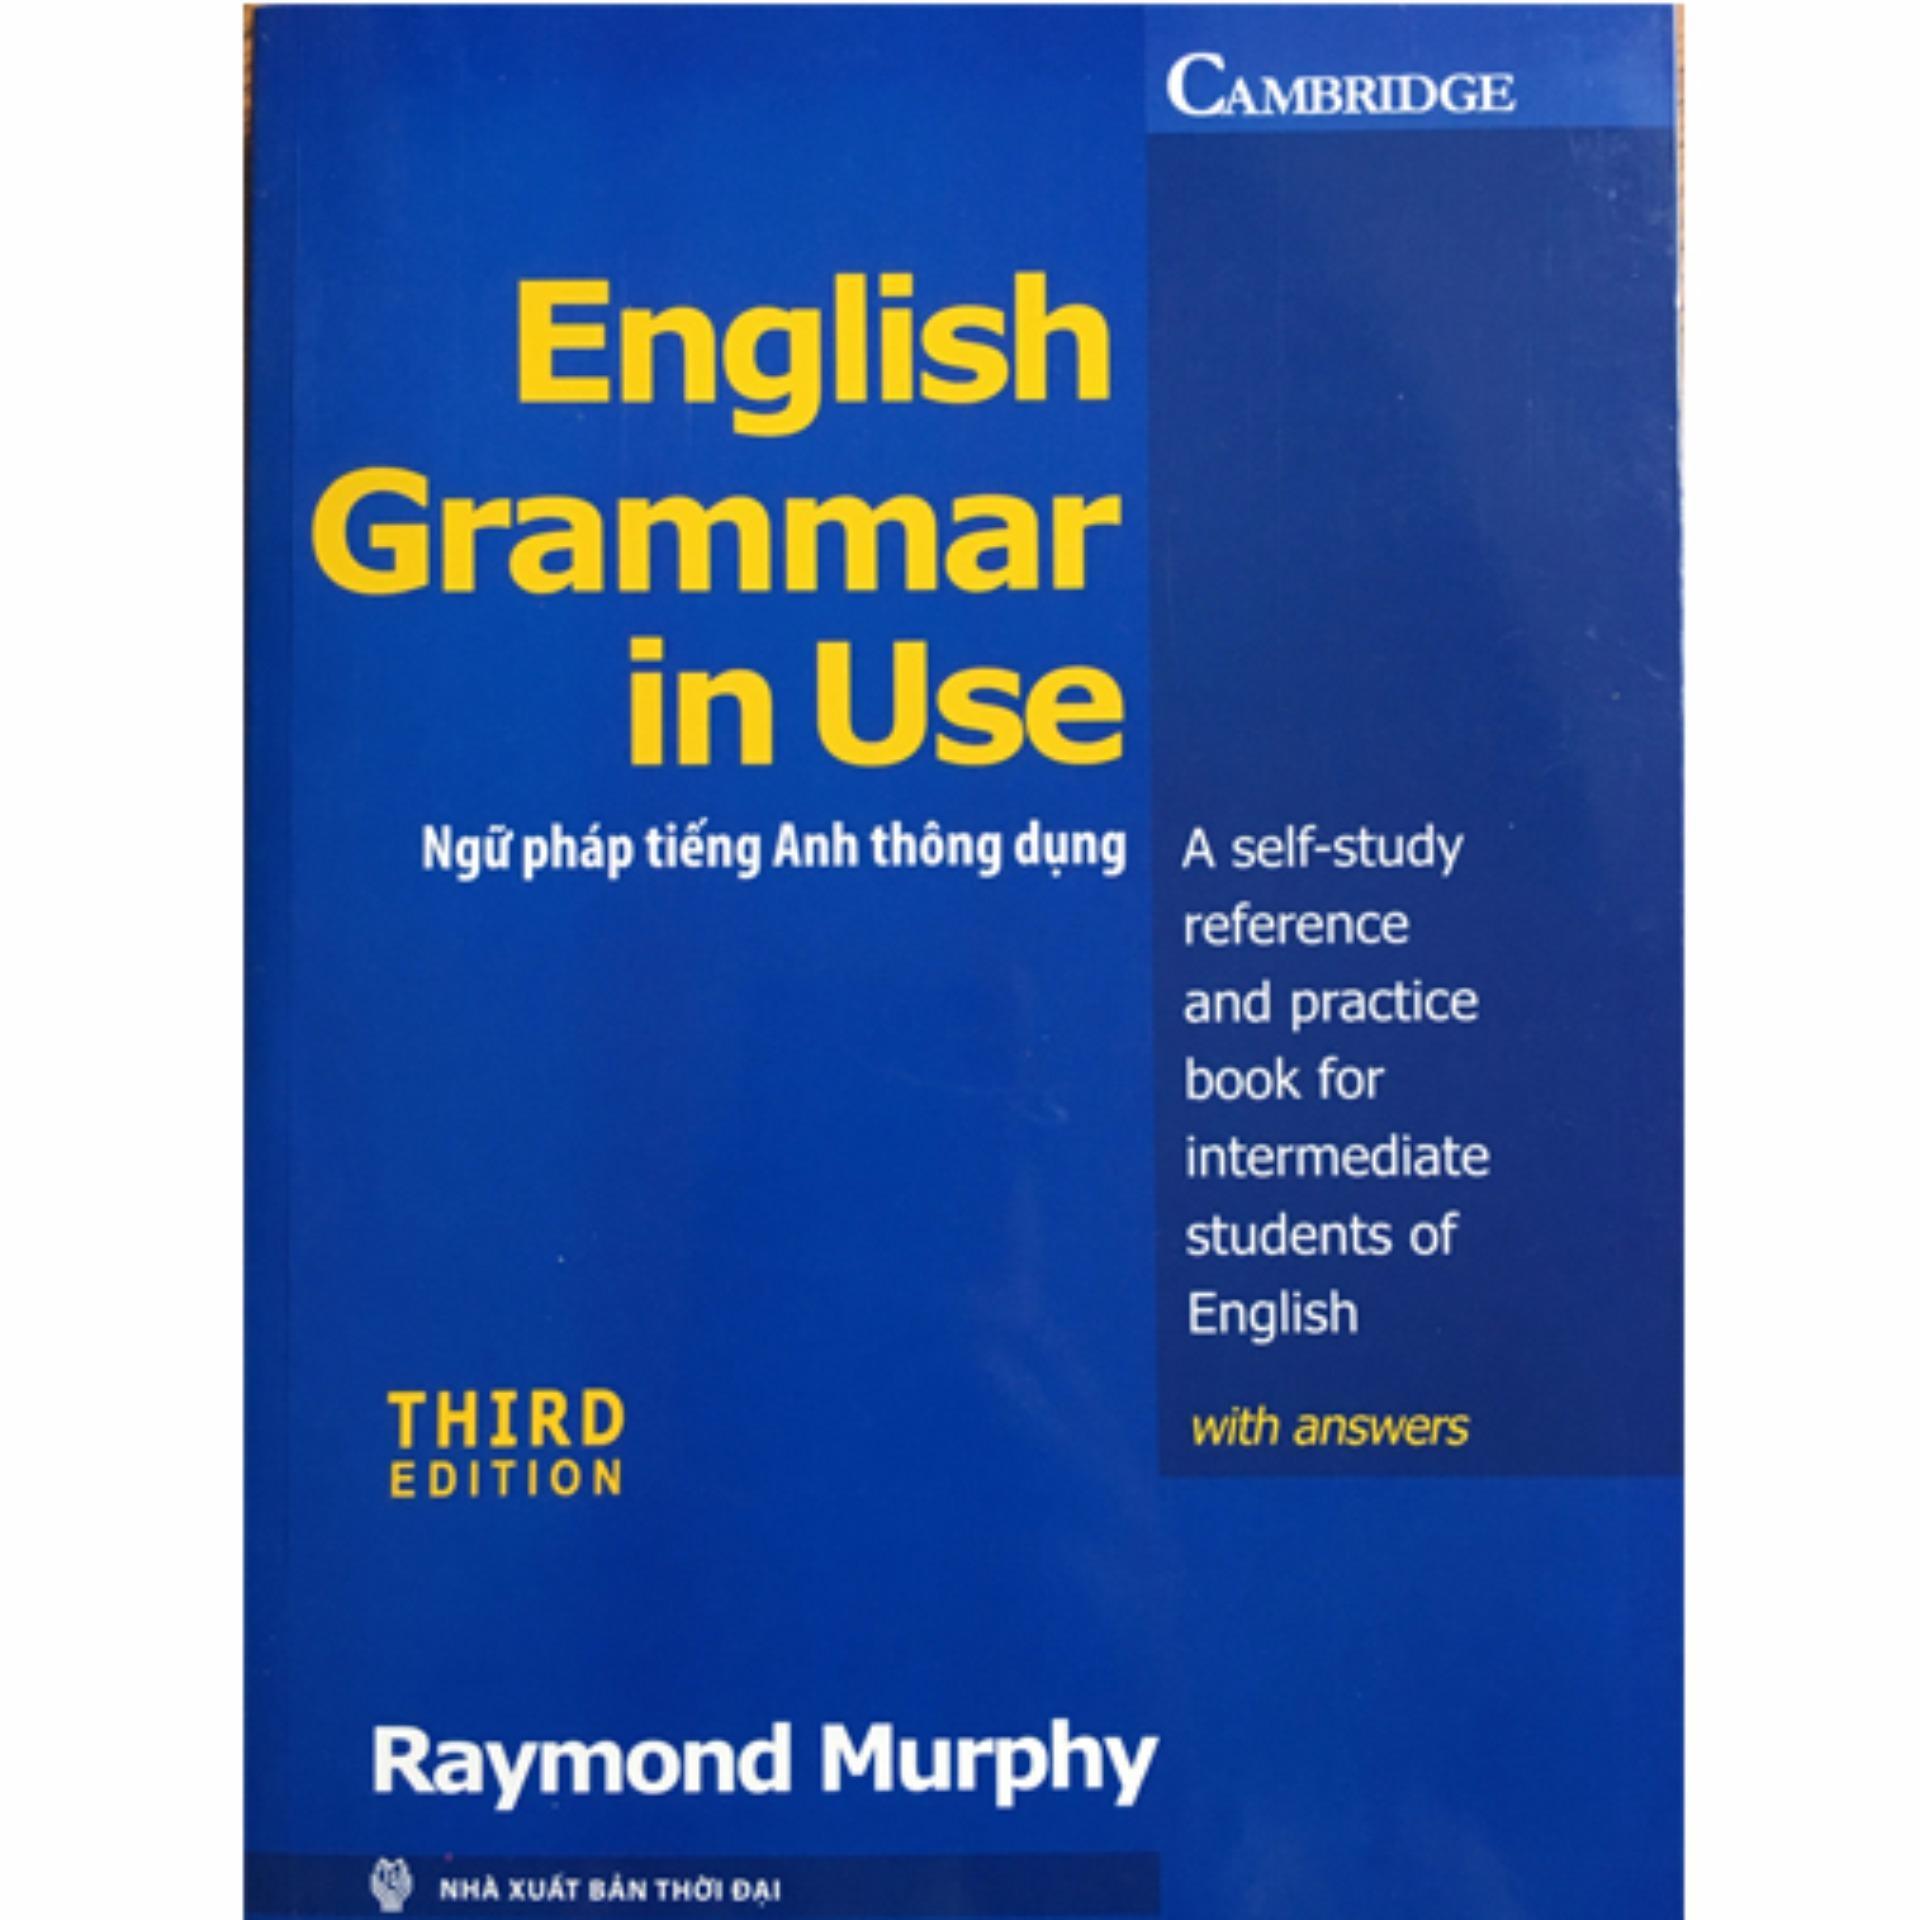 Sách [Cam kết sách Xịn] - English Grammar In Use THIRD Edition (Raymond Murphy) - 95k